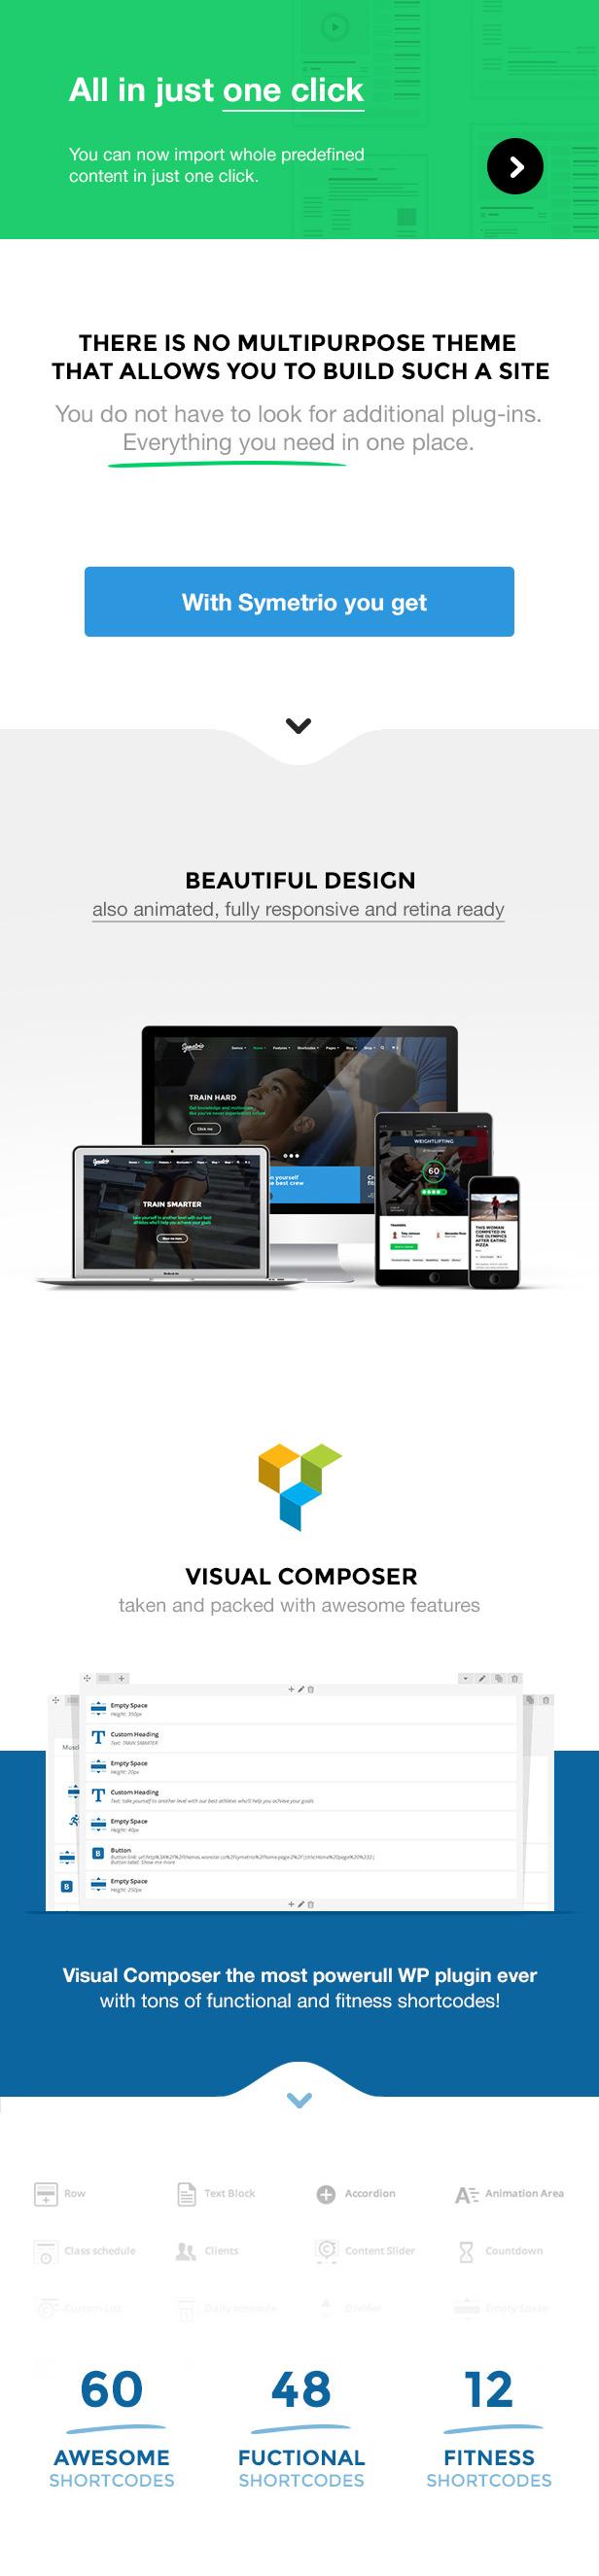 WIUIZQ - Symetrio - Gym & Fitness WordPress Theme